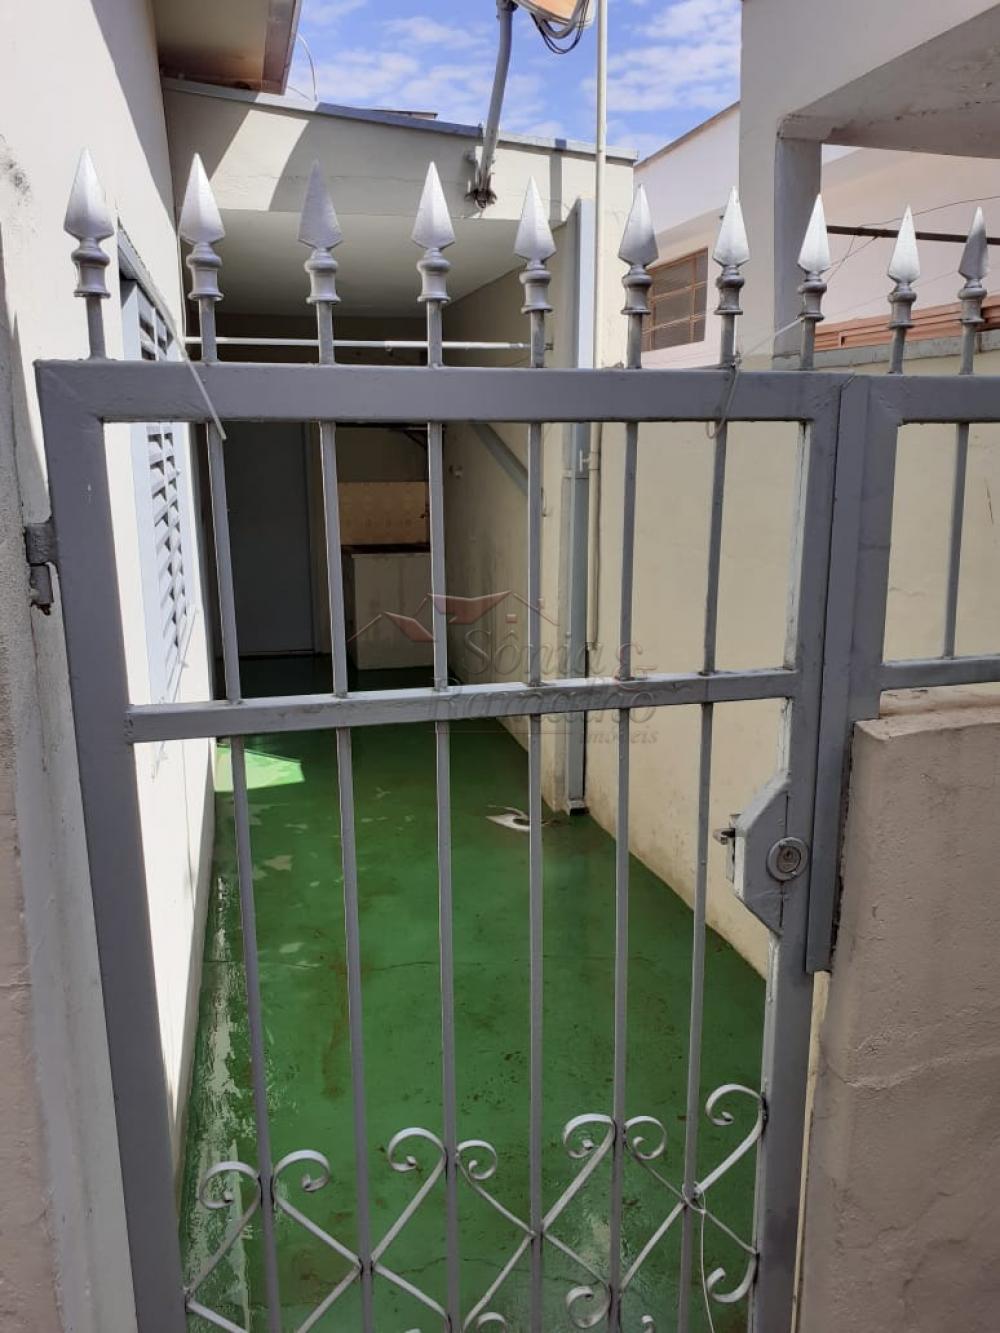 Alugar Casas / Padrão em Ribeirão Preto apenas R$ 480,00 - Foto 2